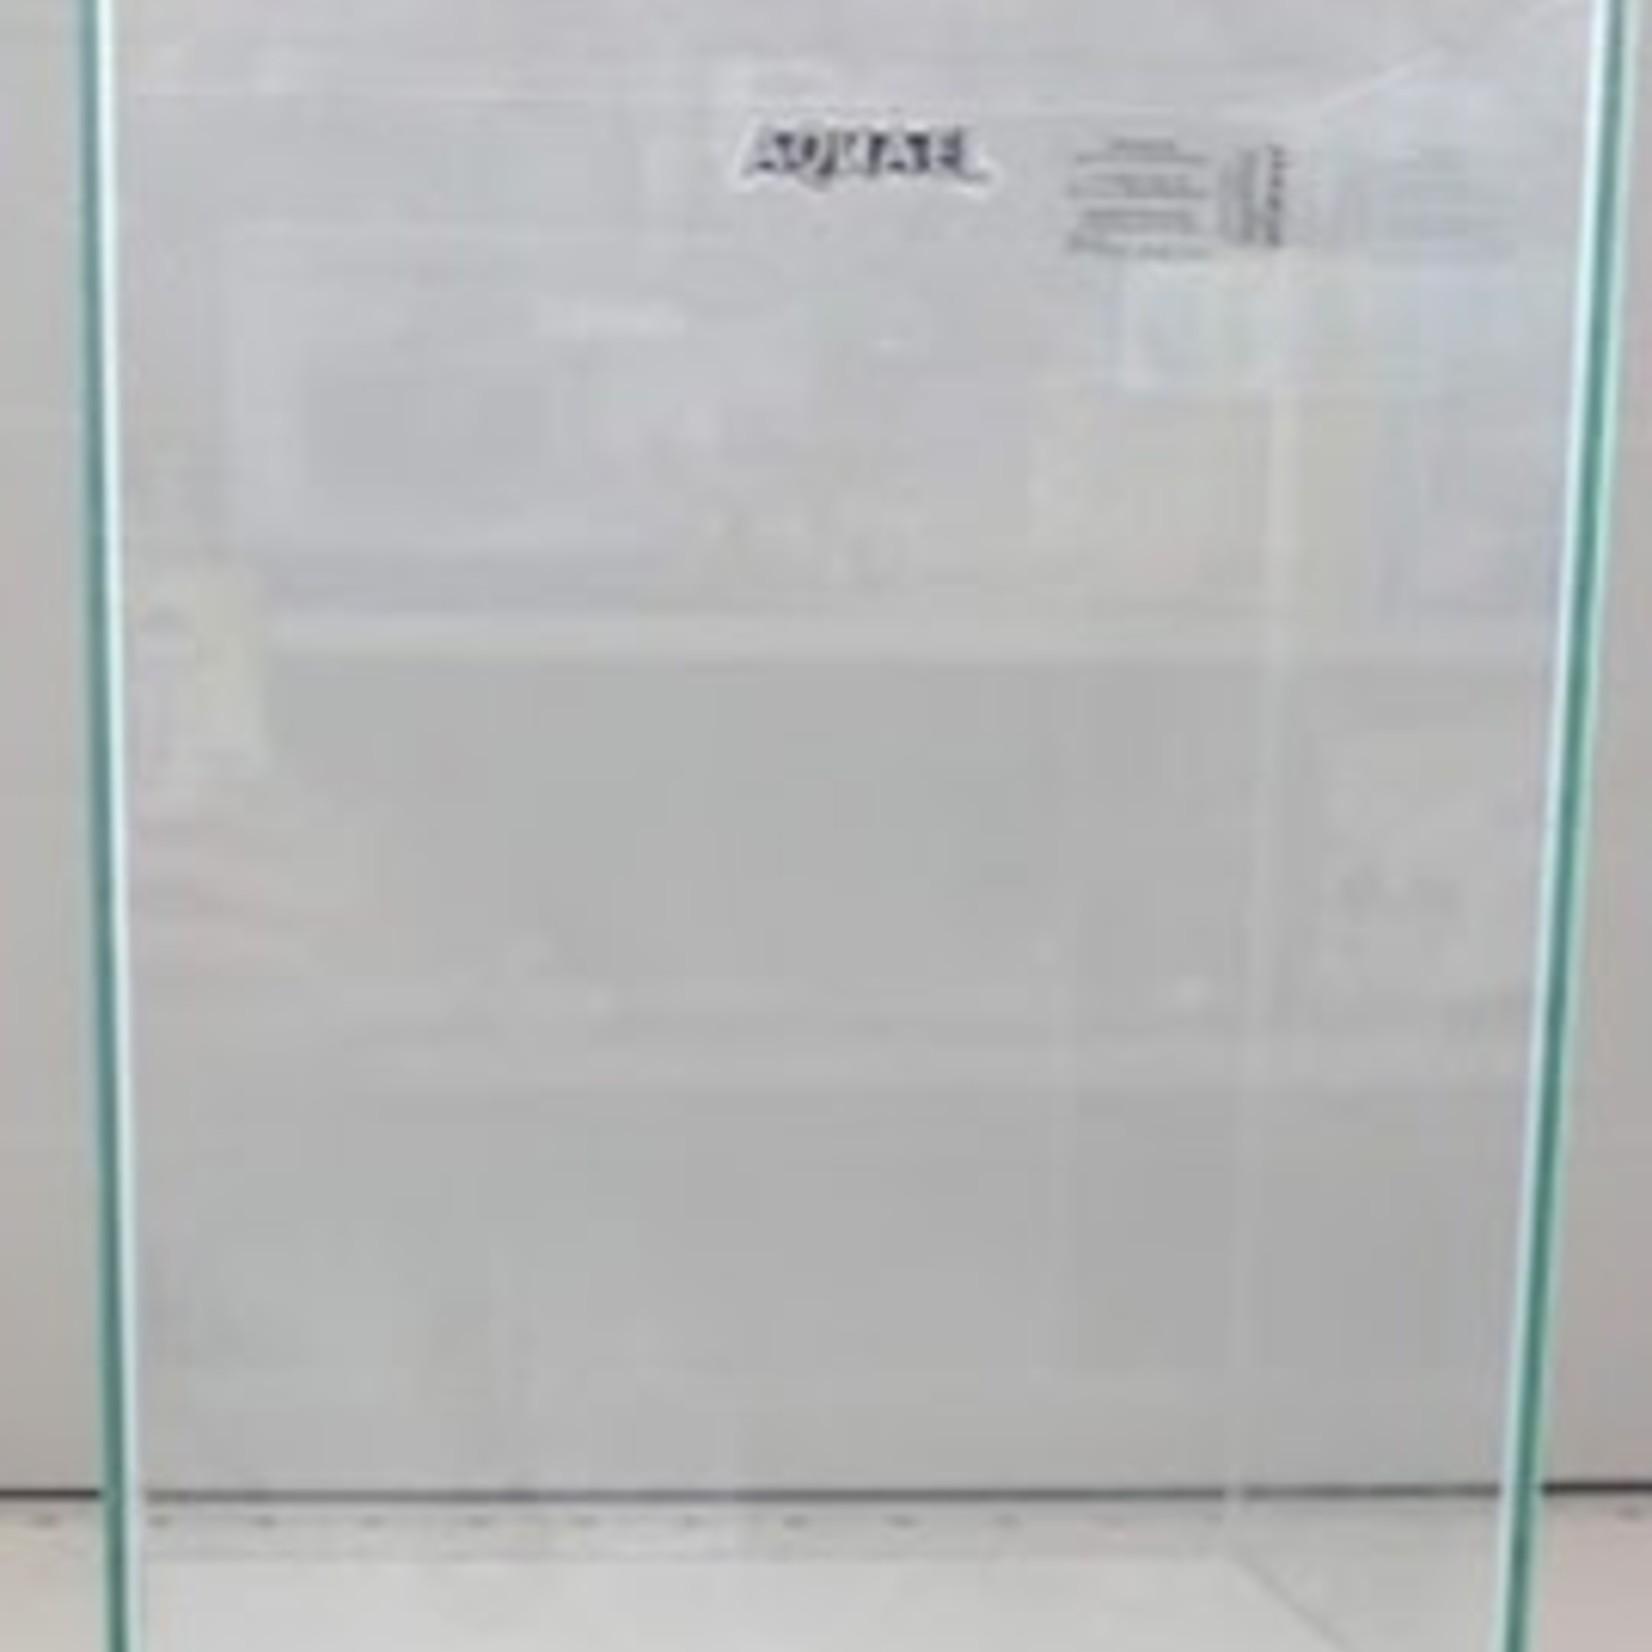 AquaEl TANK 29x29x35cm 3mm 30L AQUAEL